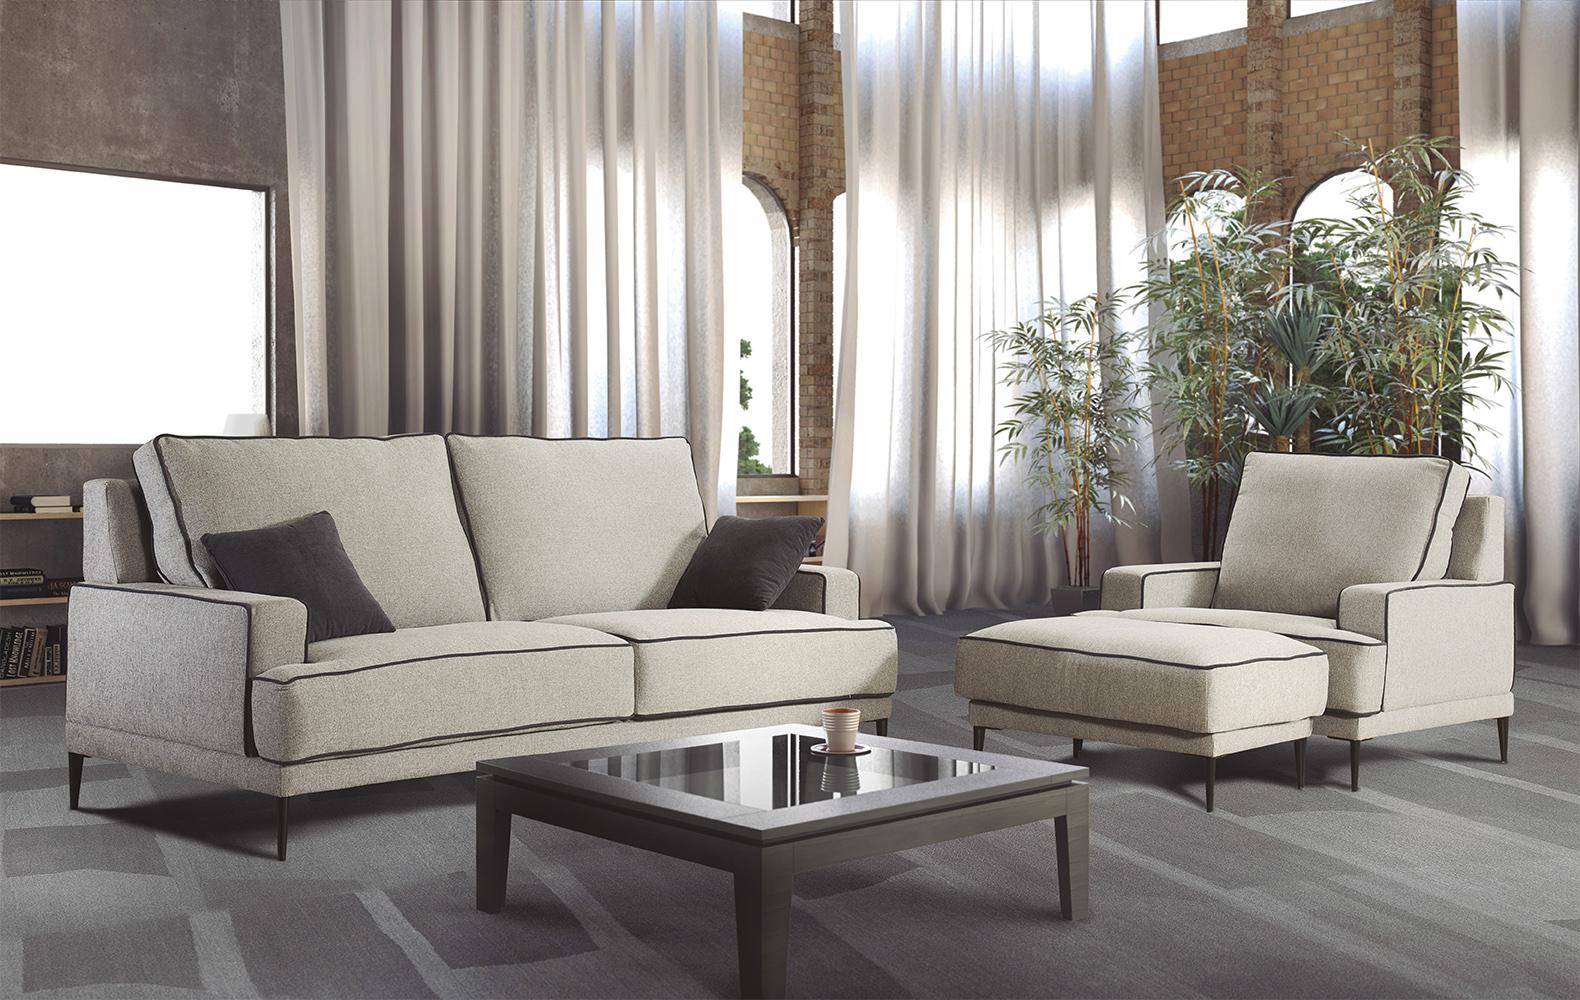 sofas integración escenario 3d